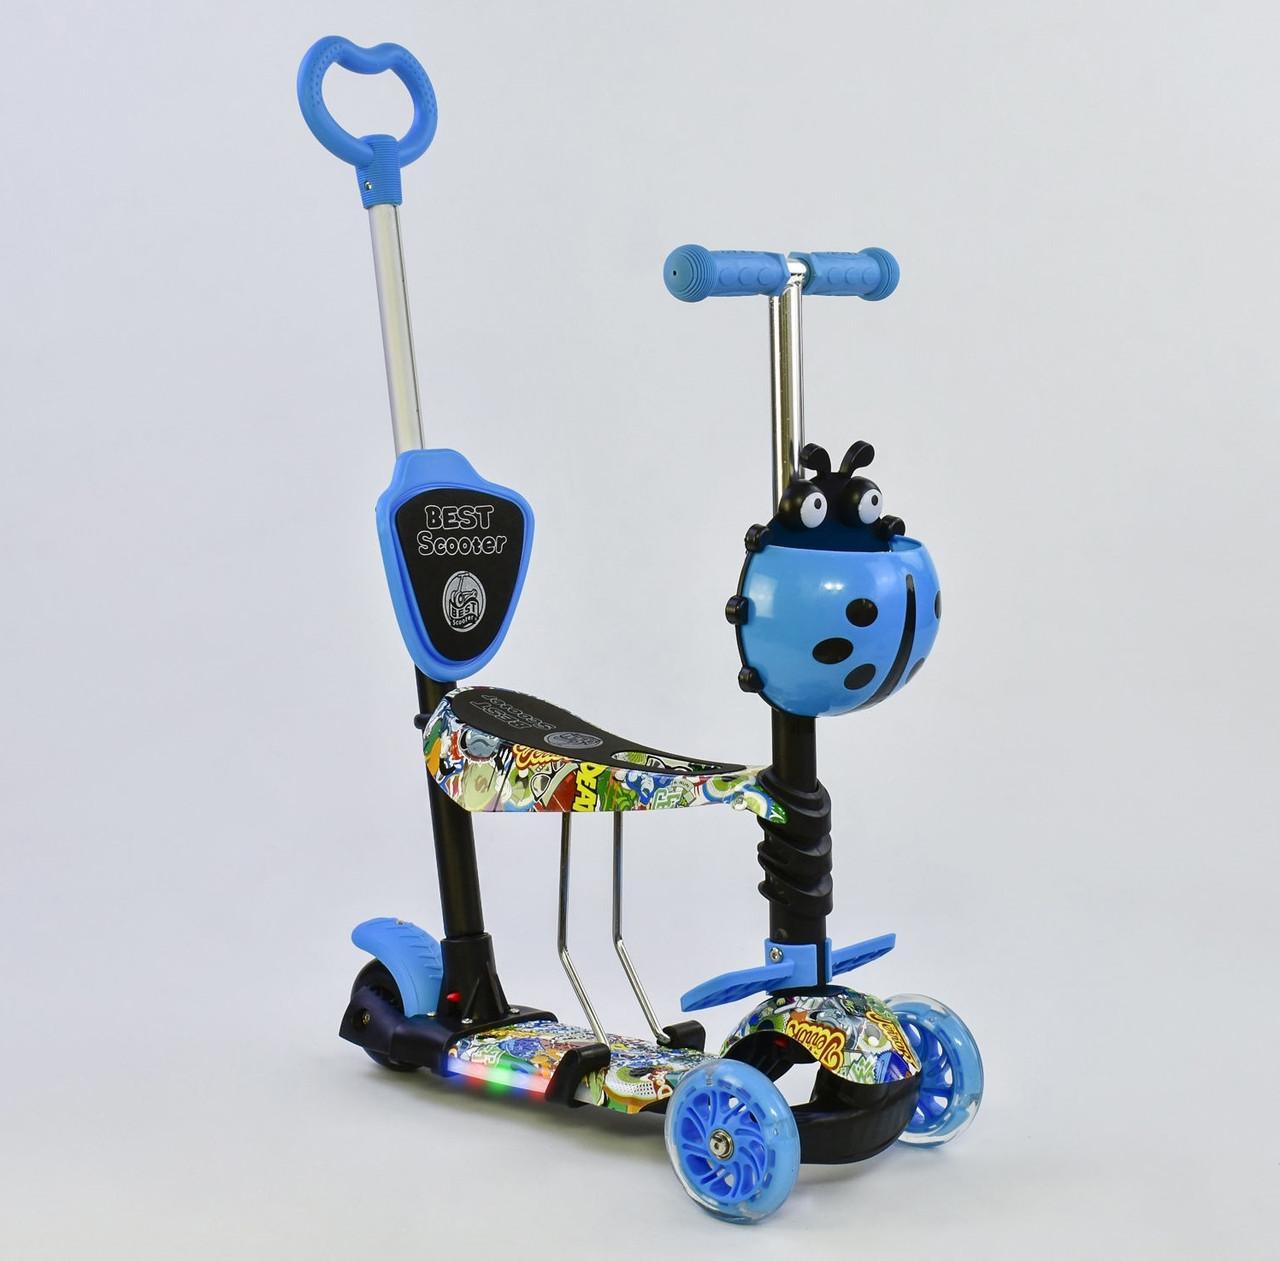 Самокат Best scooter синий 5 в 1 с подсветкой платформы и подножками